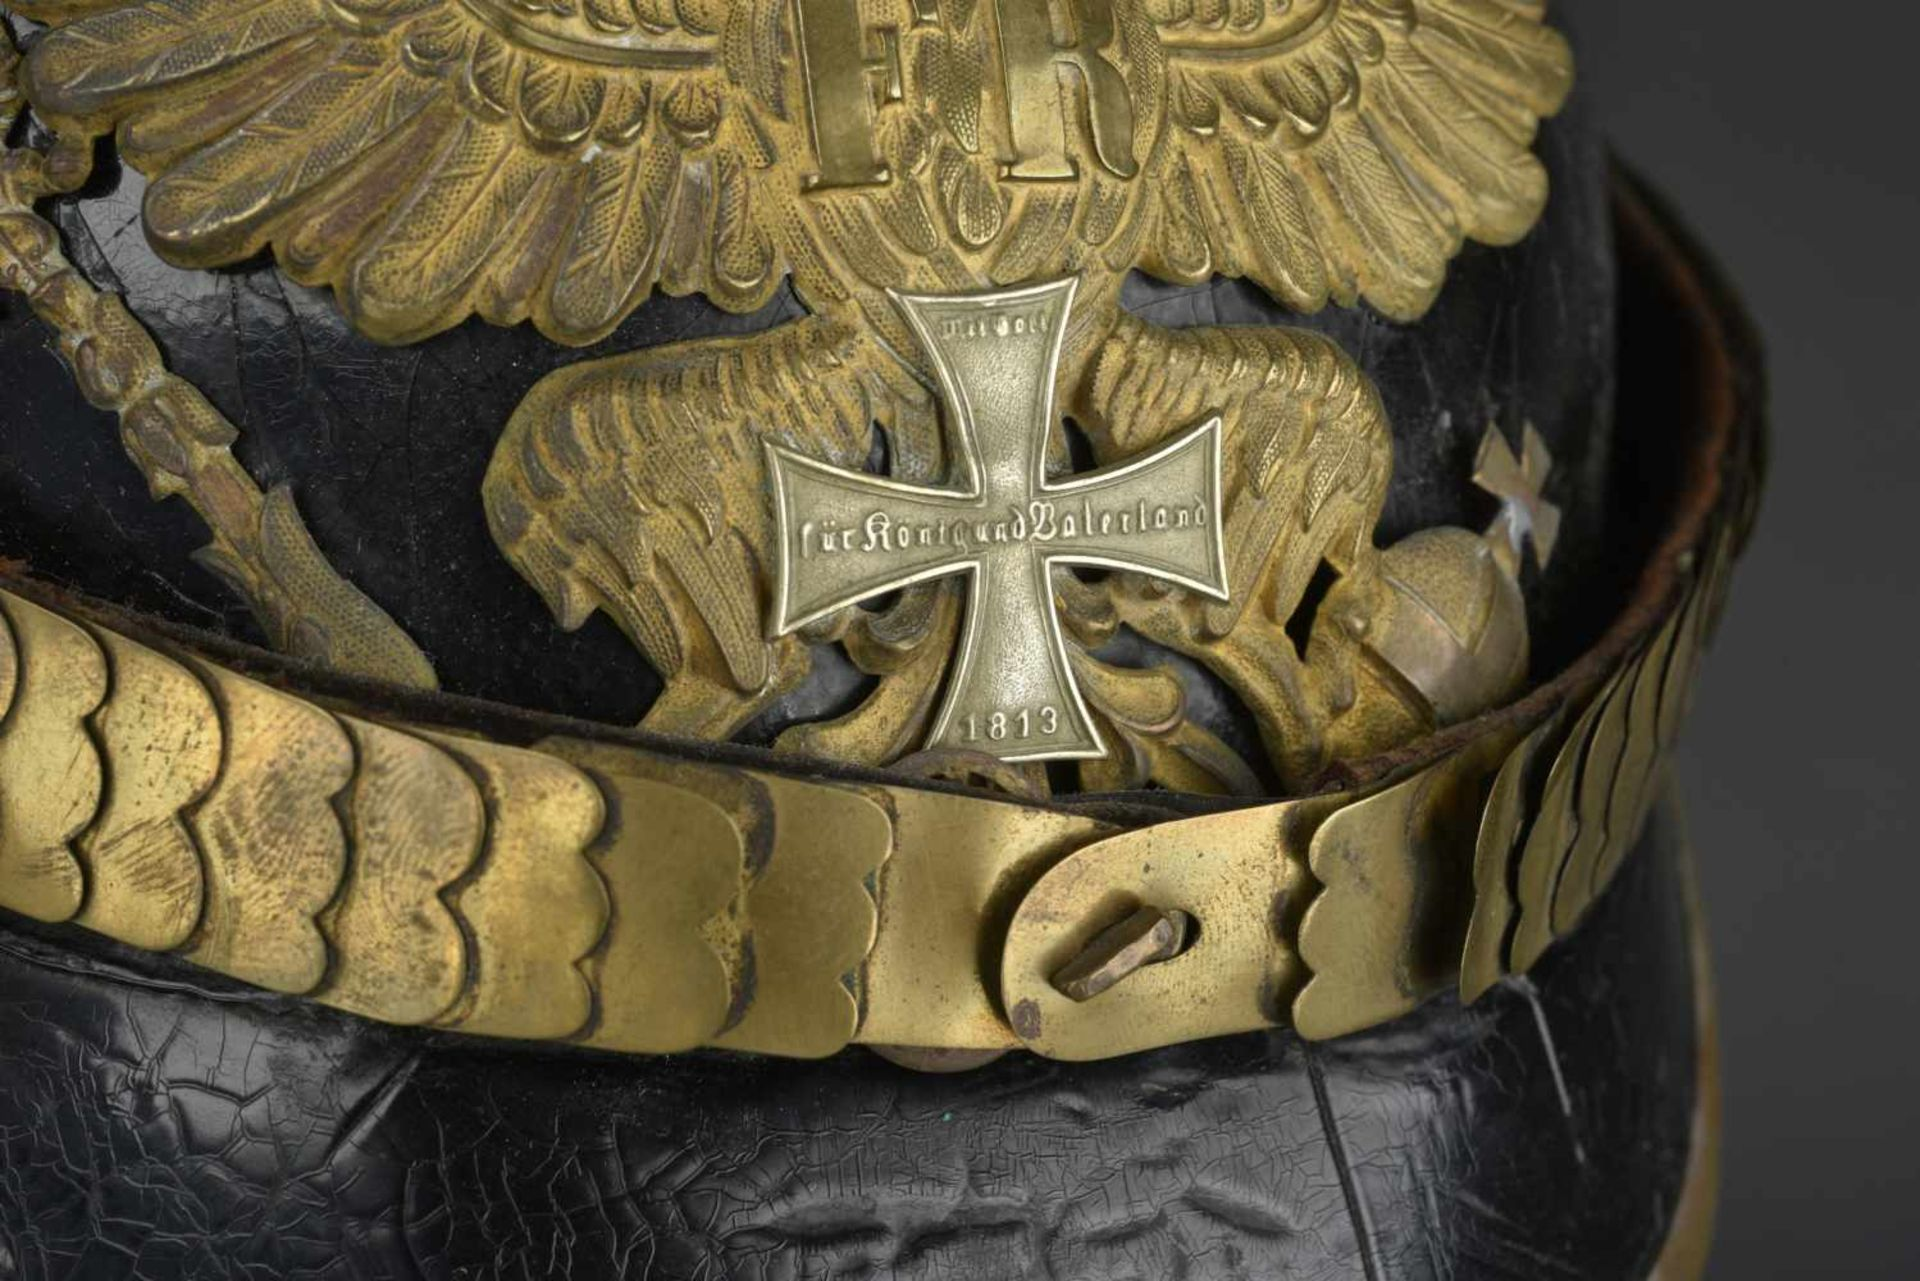 PRUSSE Casque d'artilleur modèle 1871/99 d'engagé Prussien de réserve Soie de la coiffe absente. - Bild 4 aus 4